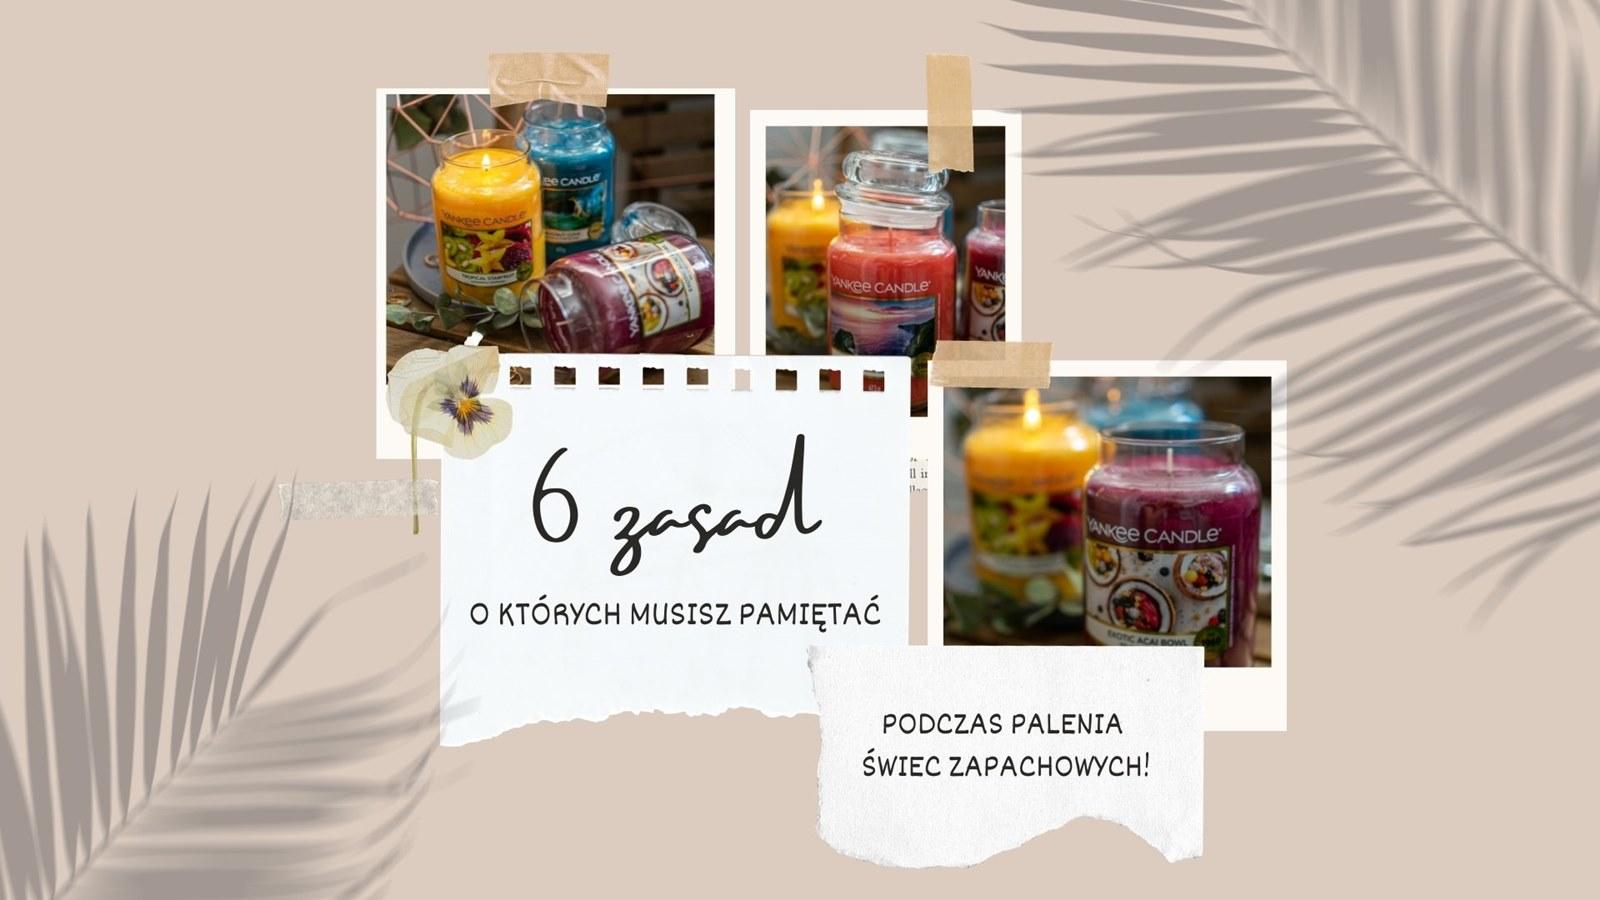 Gdzie kupić świece zapachowe w słoikach Yankee Candle do sypialni i do salonu Jak palić świece zapachowe w szkle 6 zasad o których musisz pamiętać!